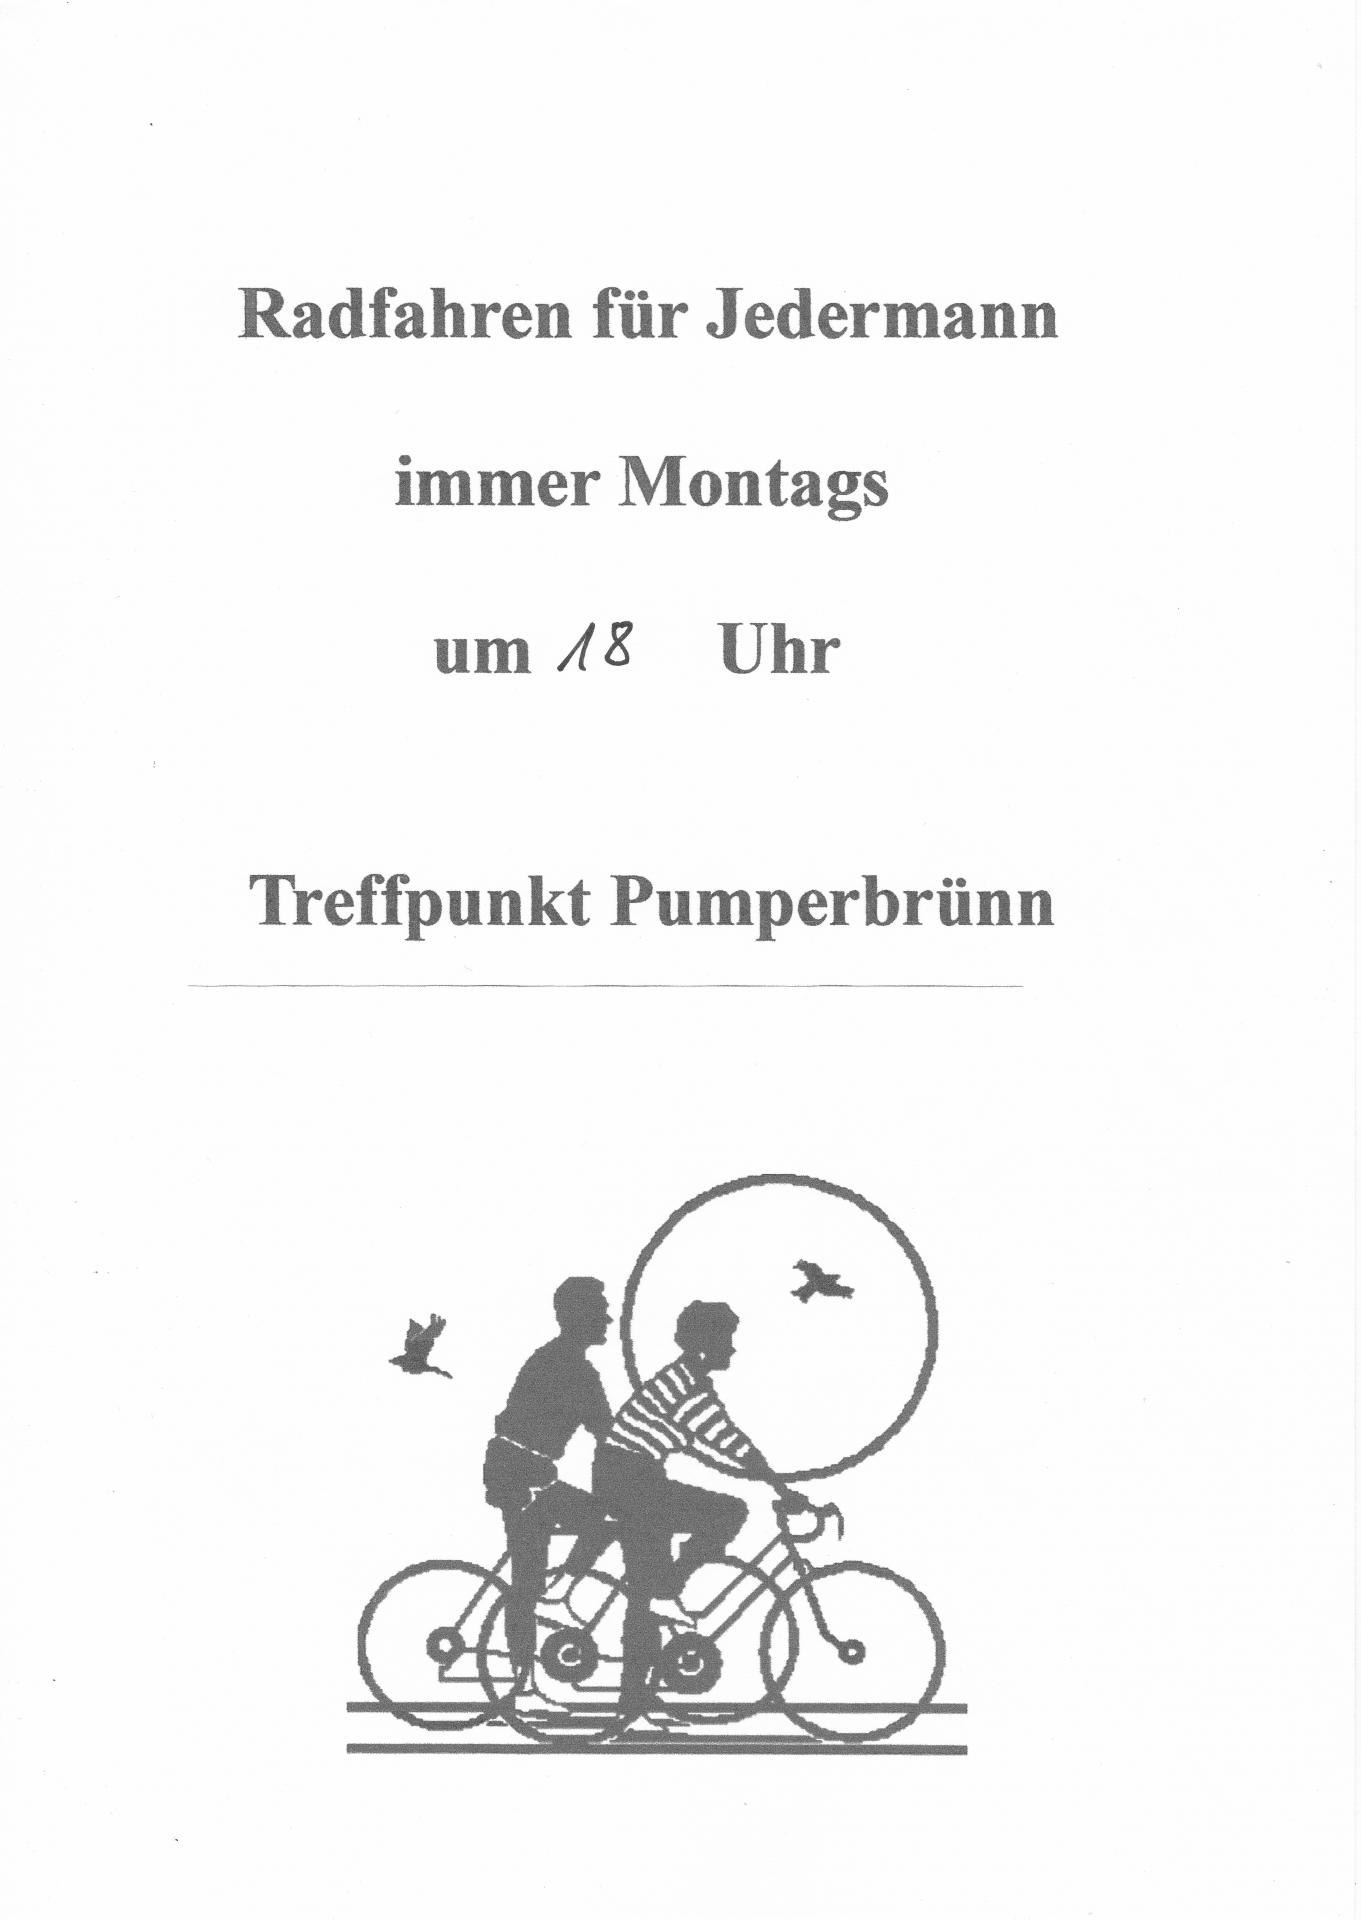 Radfahren für Jedermann